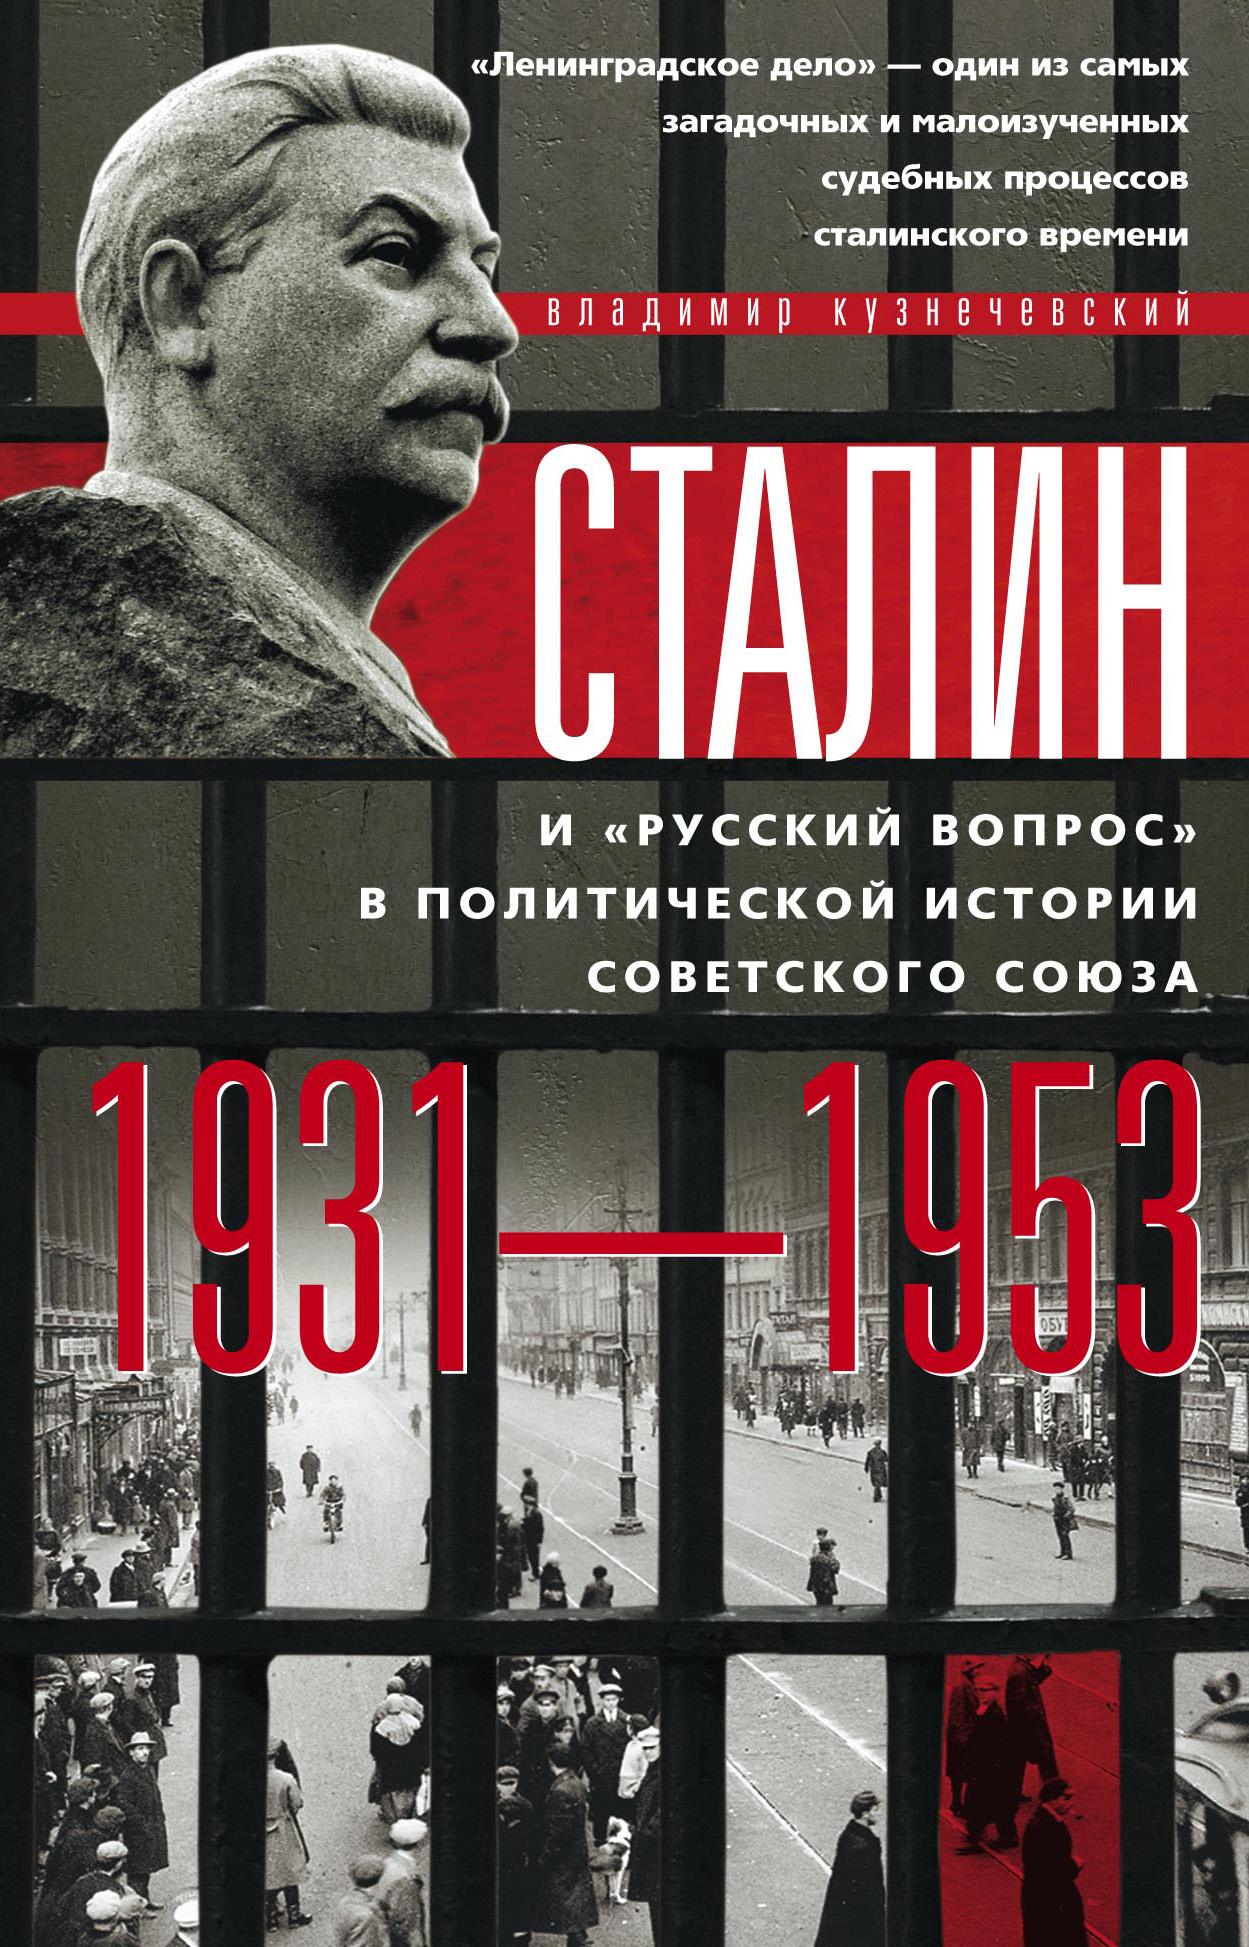 Владимир Кузнечевский Сталин и «русский вопрос» в политической истории Советского Союза. 1931–1953 гг. цены онлайн